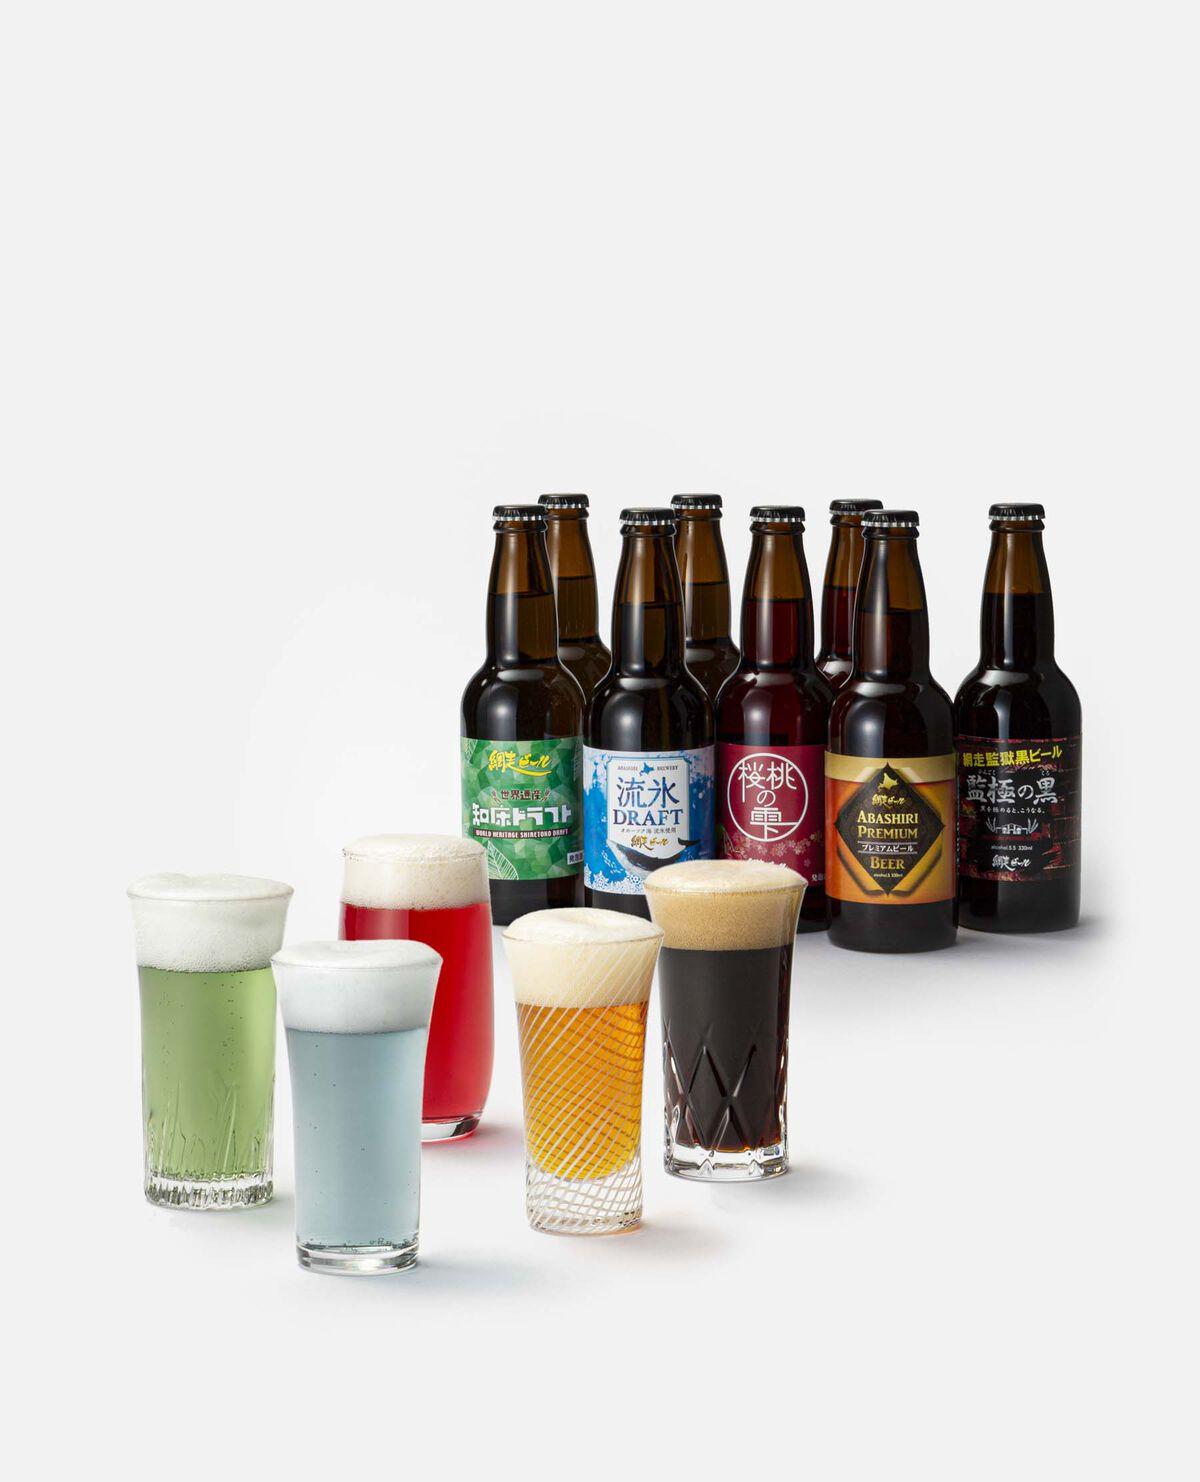 網走ビール 発泡酒・ビール8本セット